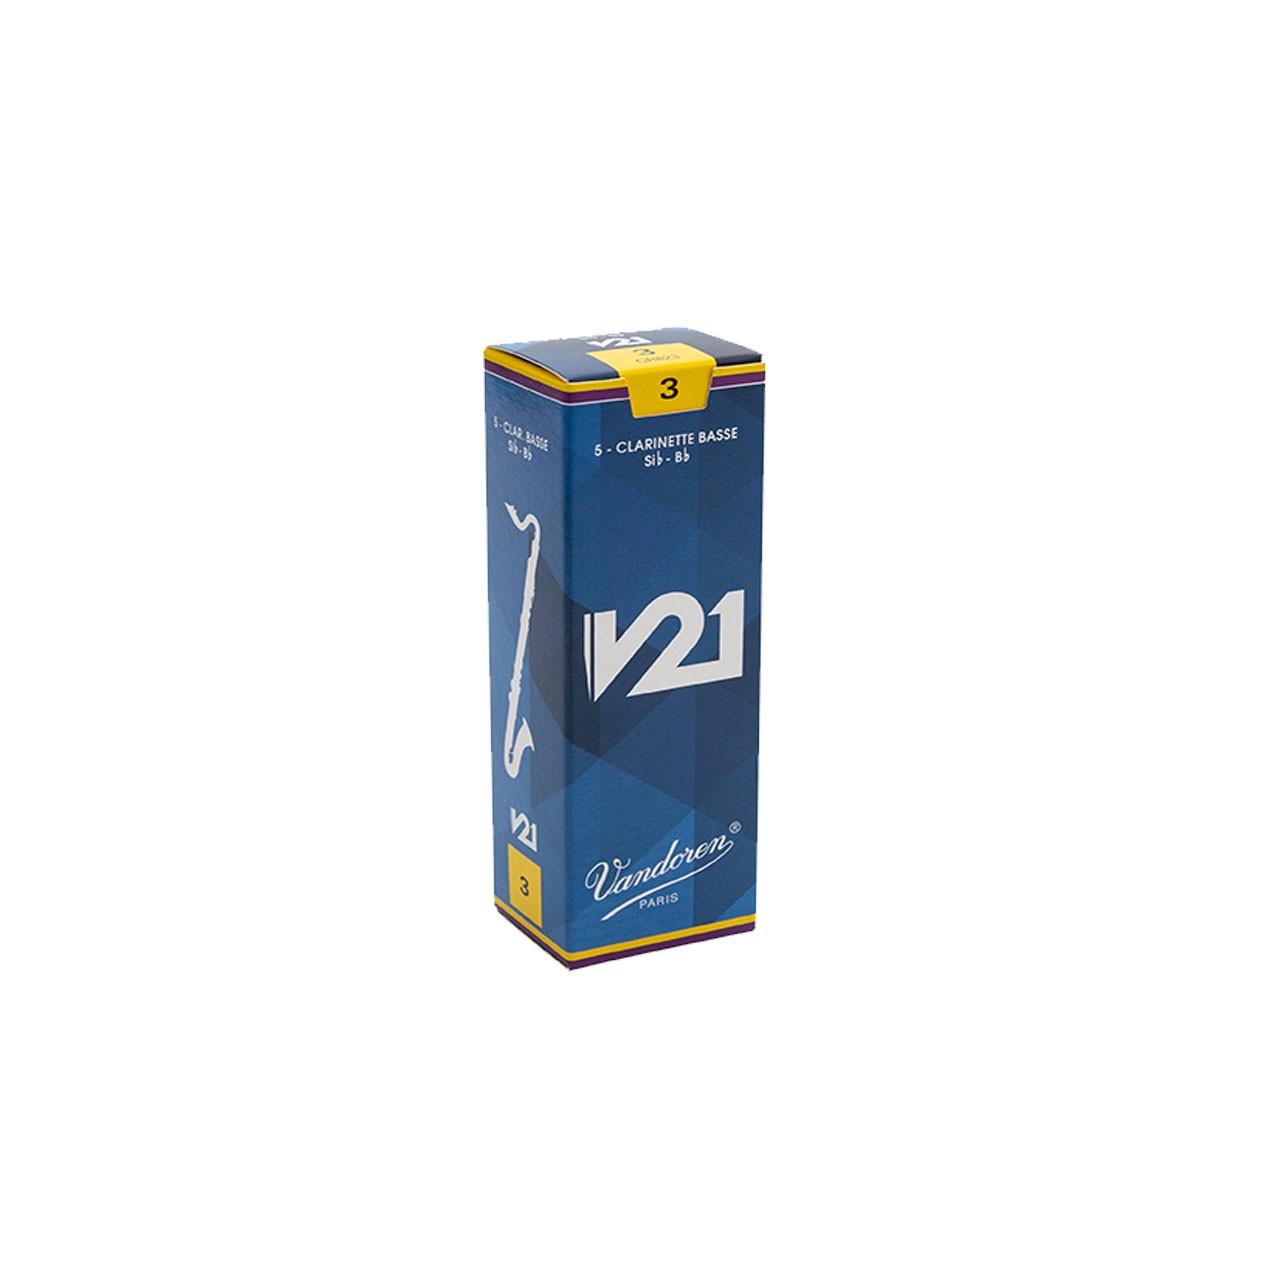 Palheta V21 3 P/clarinete Baixo Cx C/5 Cr823 Vandoren